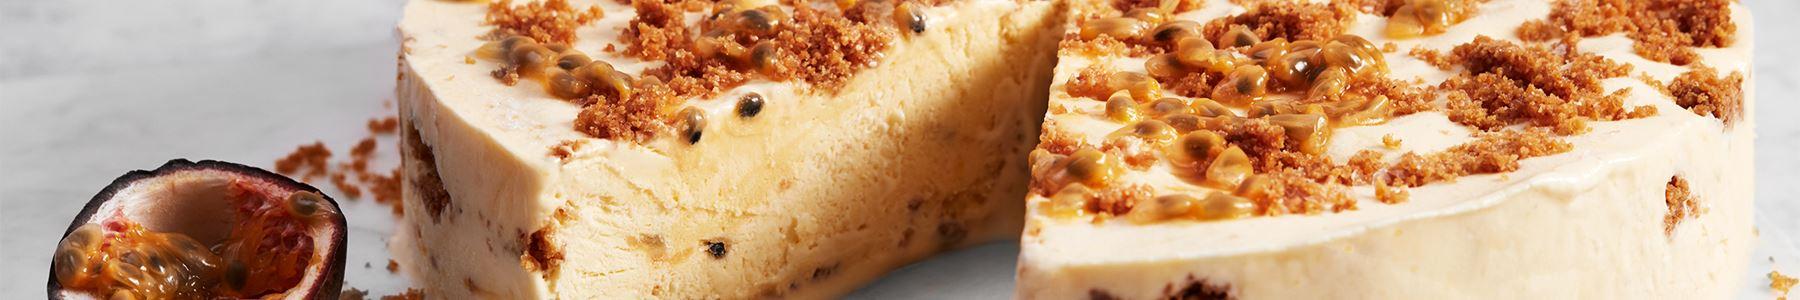 Ingefära + Dessert + Kaka